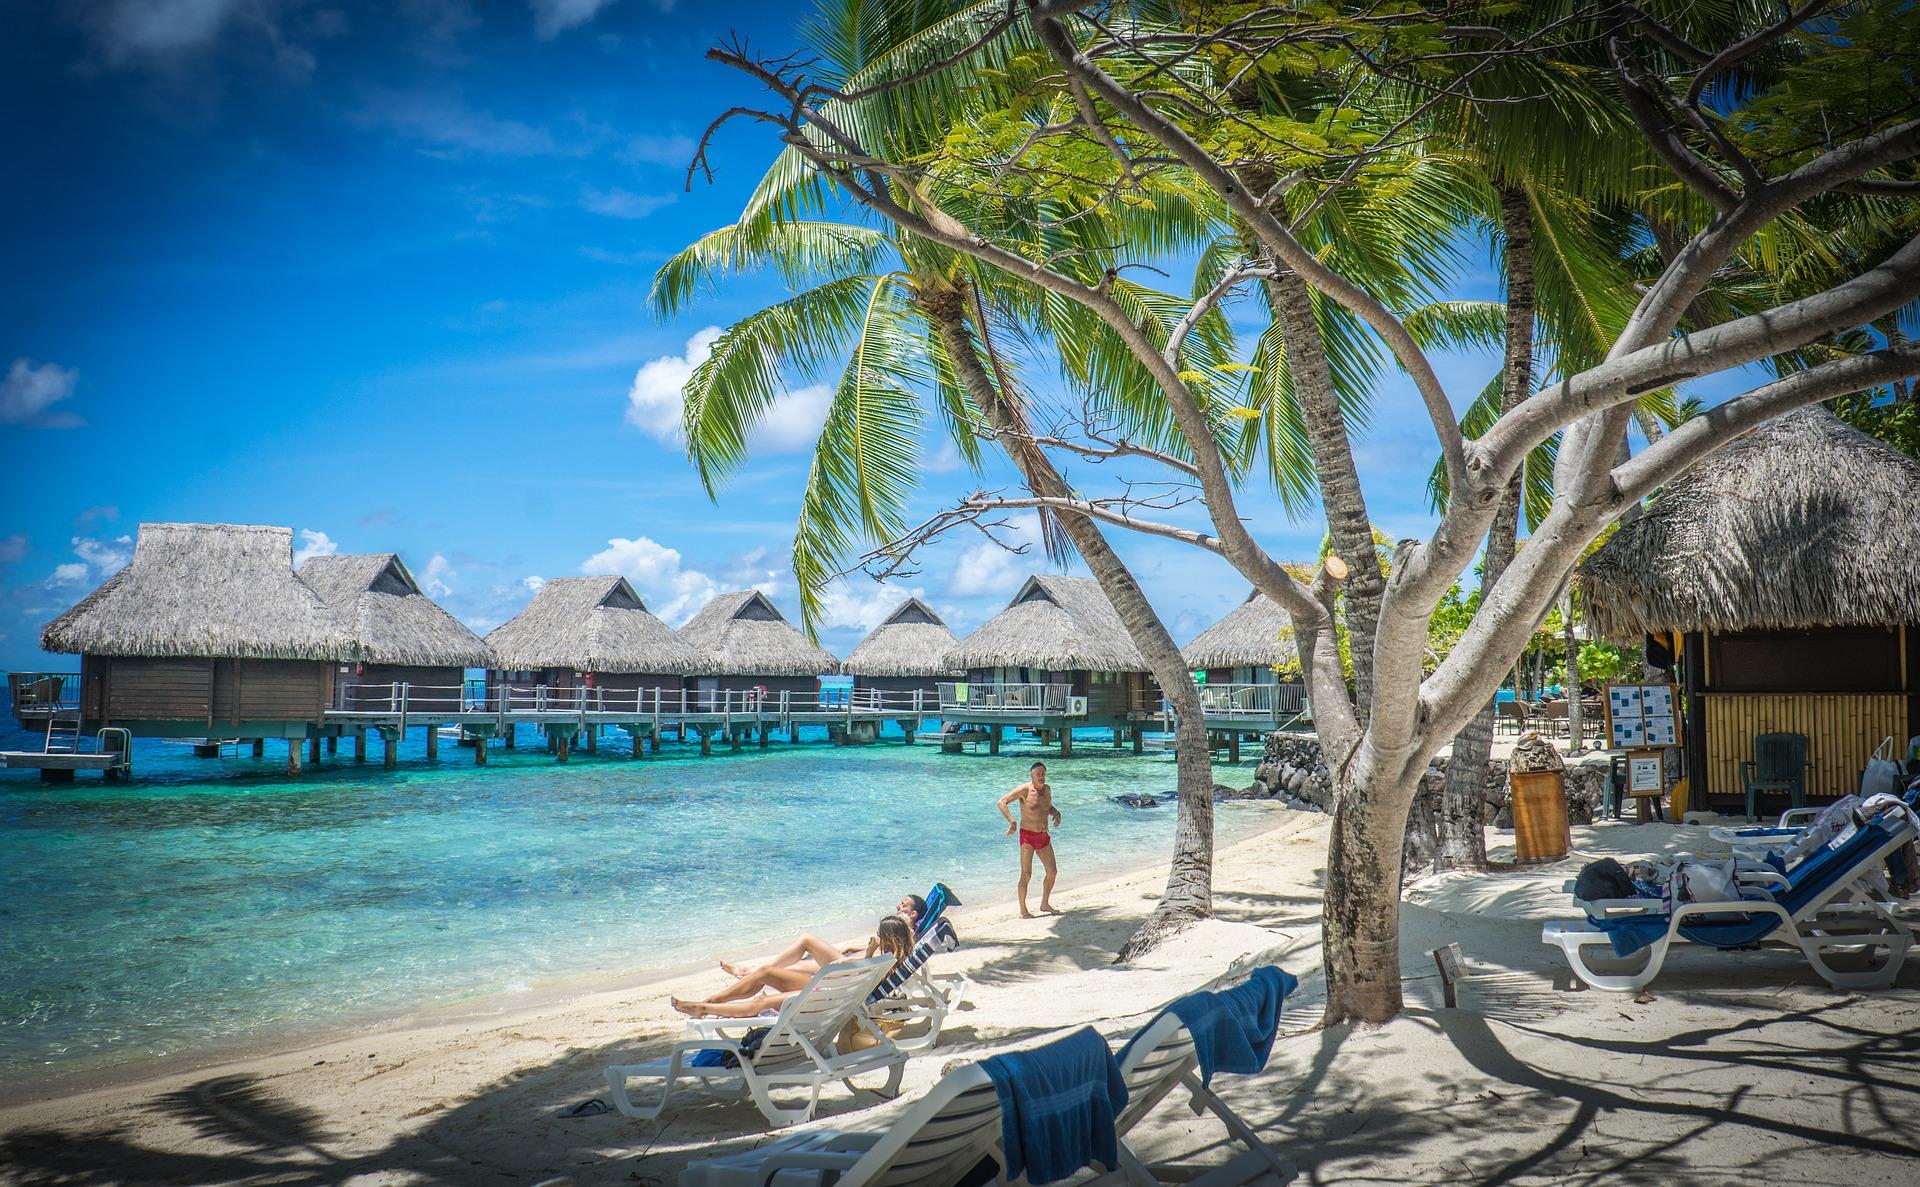 https://tahititourisme.ca/wp-content/uploads/2017/11/voyagesamarc-polynesie.jpg